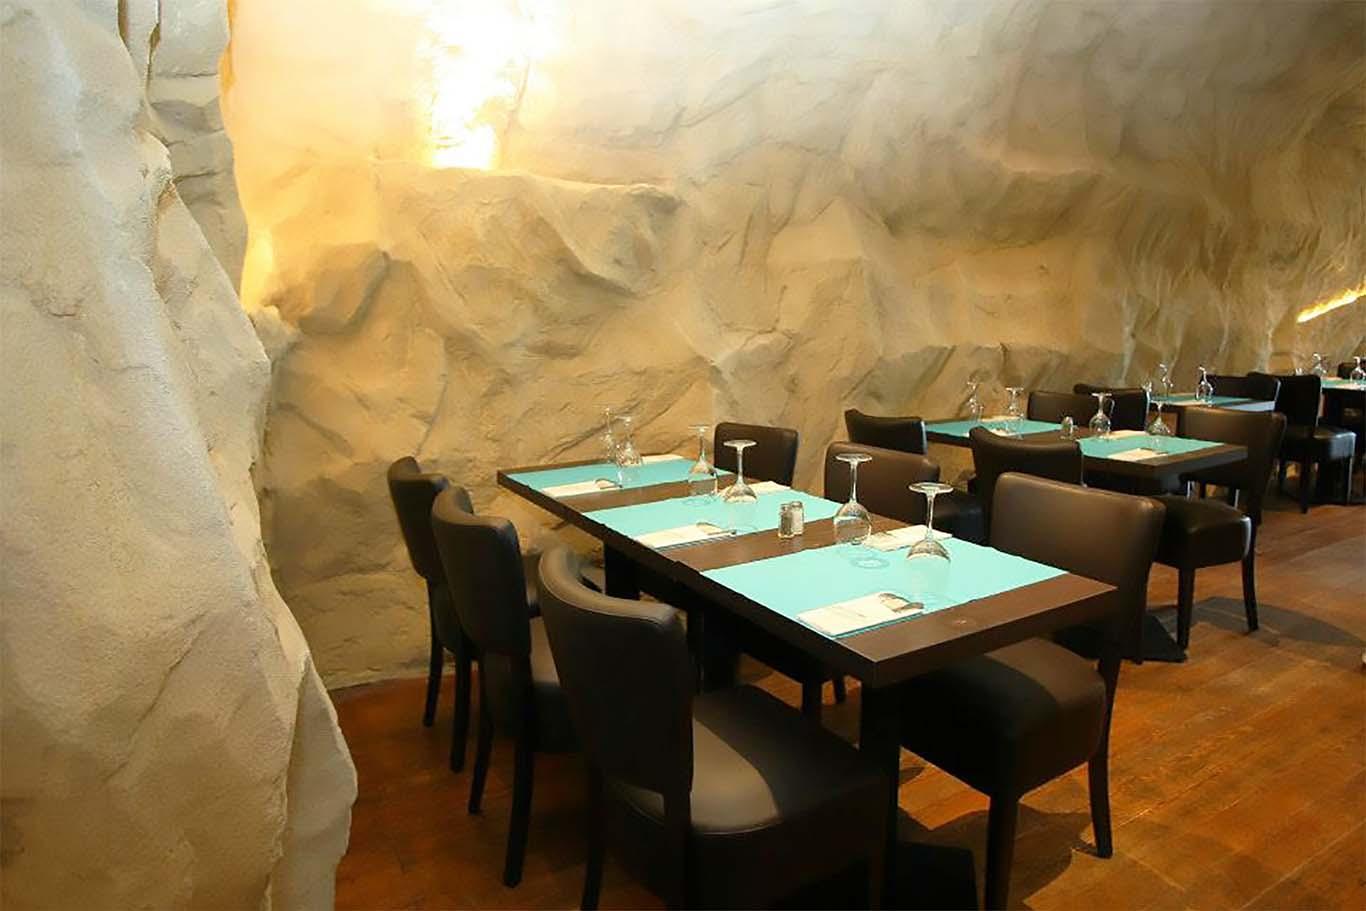 table de restaurant devant paroie rocheuse